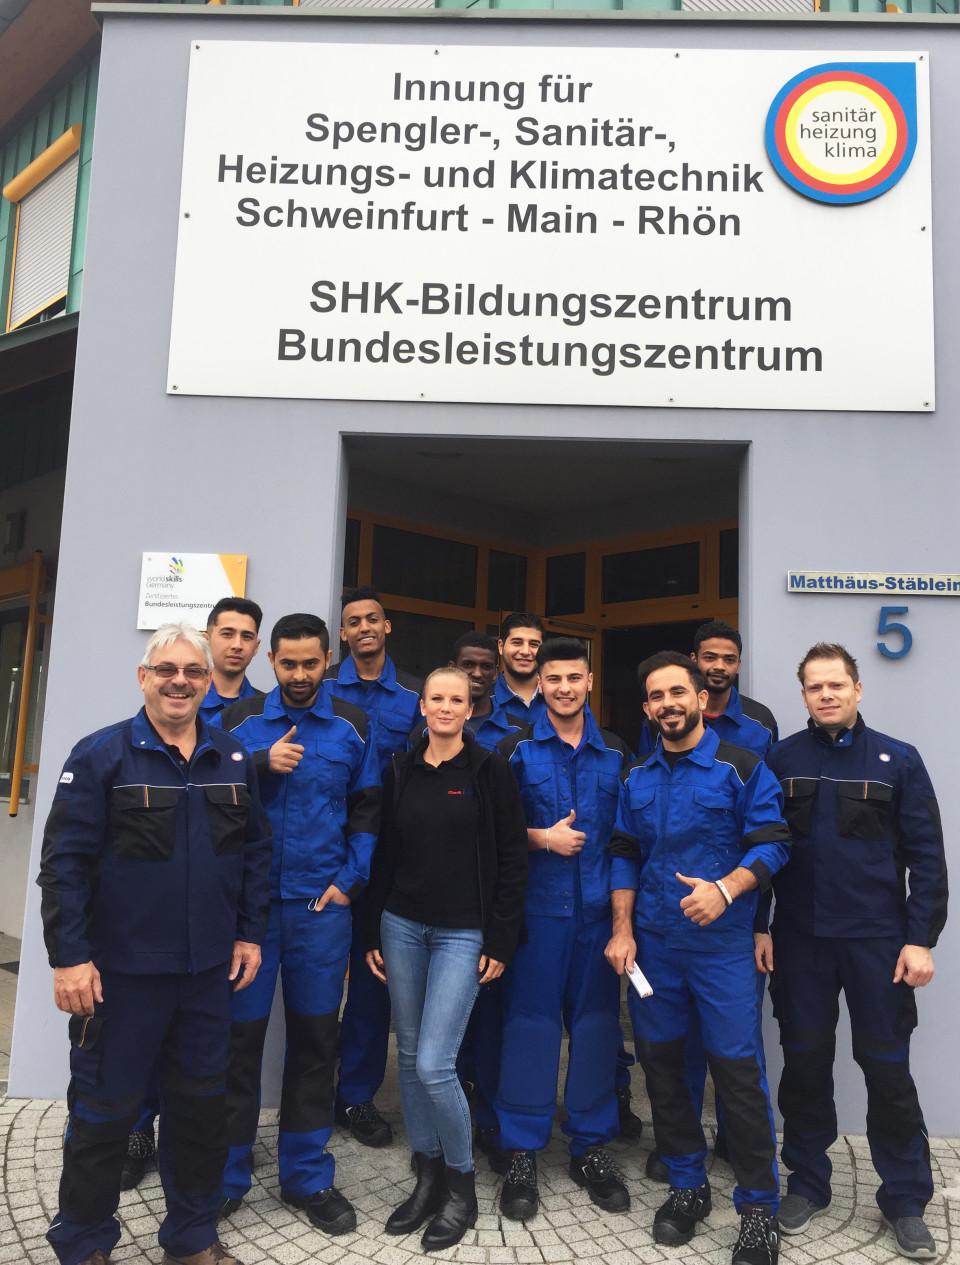 Die Teilnehmer der Berufsorientierung mit Josef Bock, Geschäftsstellenleiter (links) sowie Sandro Hamacher (rechts), Ausbilder der SHK-Innung und des SHK-Bildungszentrums Schweinfurt und CWS-boco Mitarbeiterin Christine Reitz.